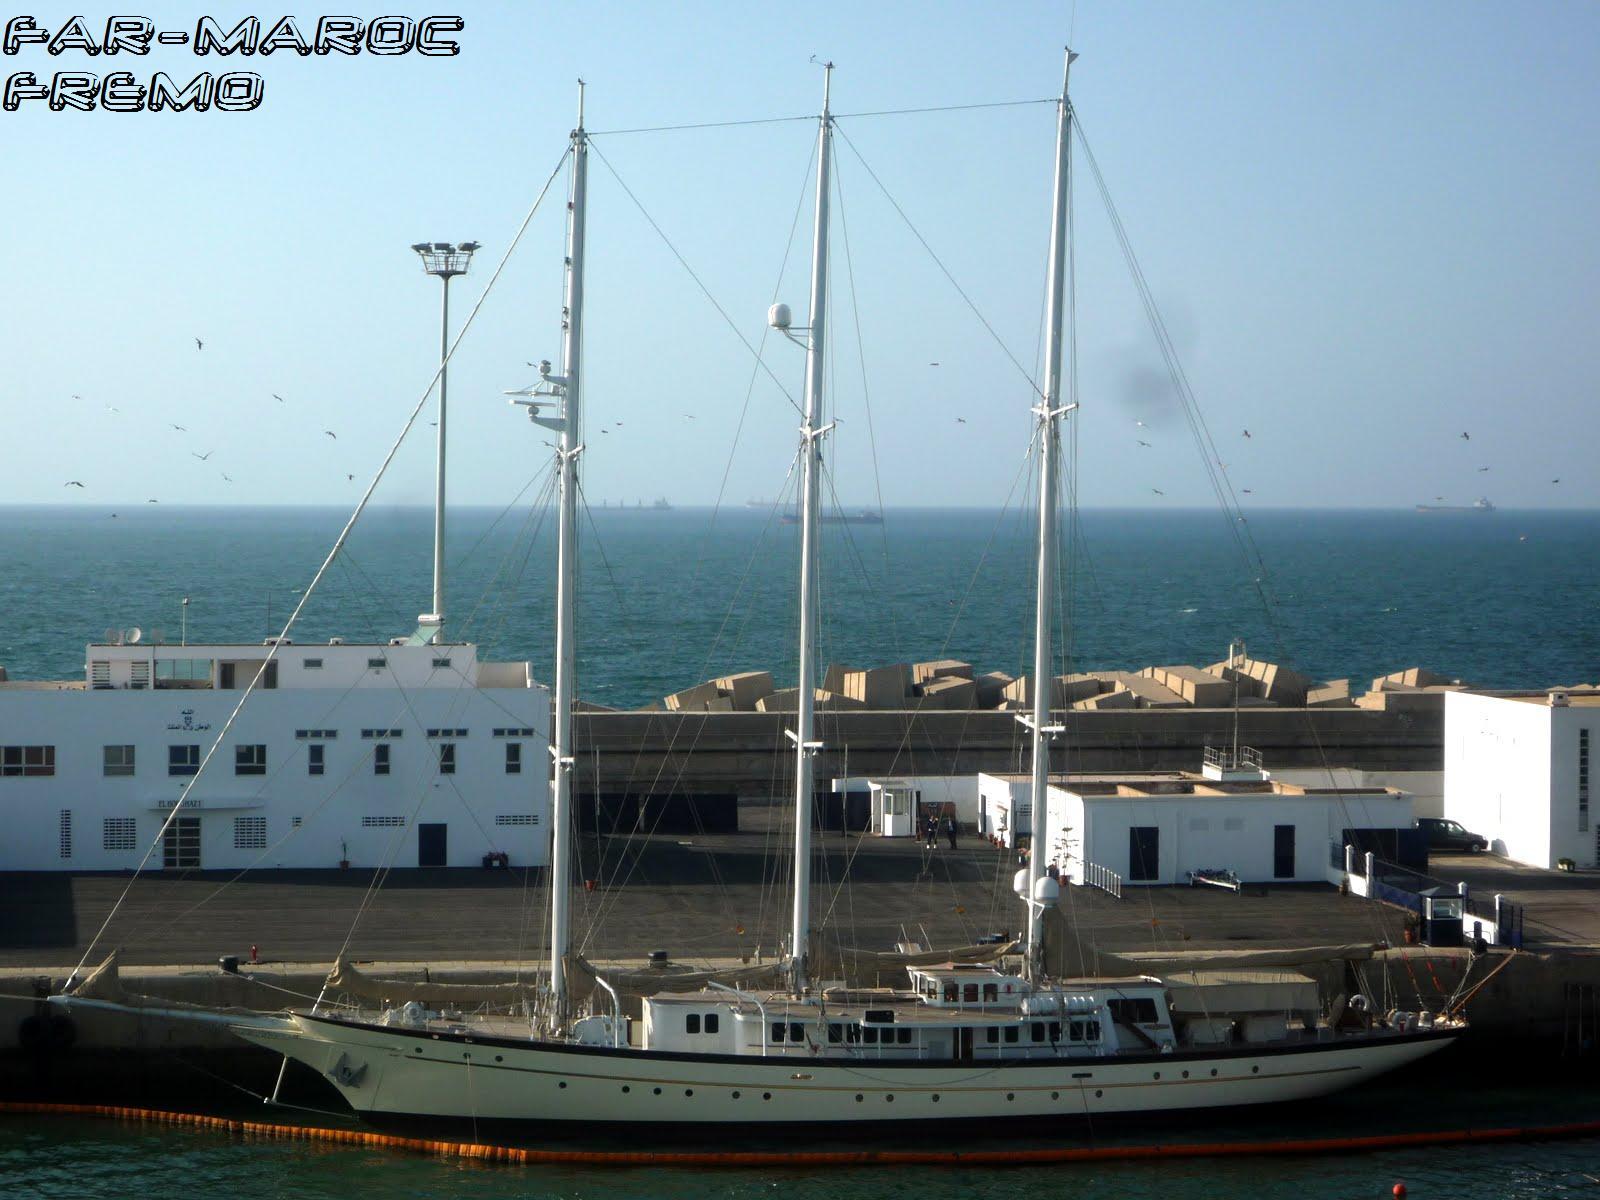 le Yacht Royale El Boughaz I P1030410